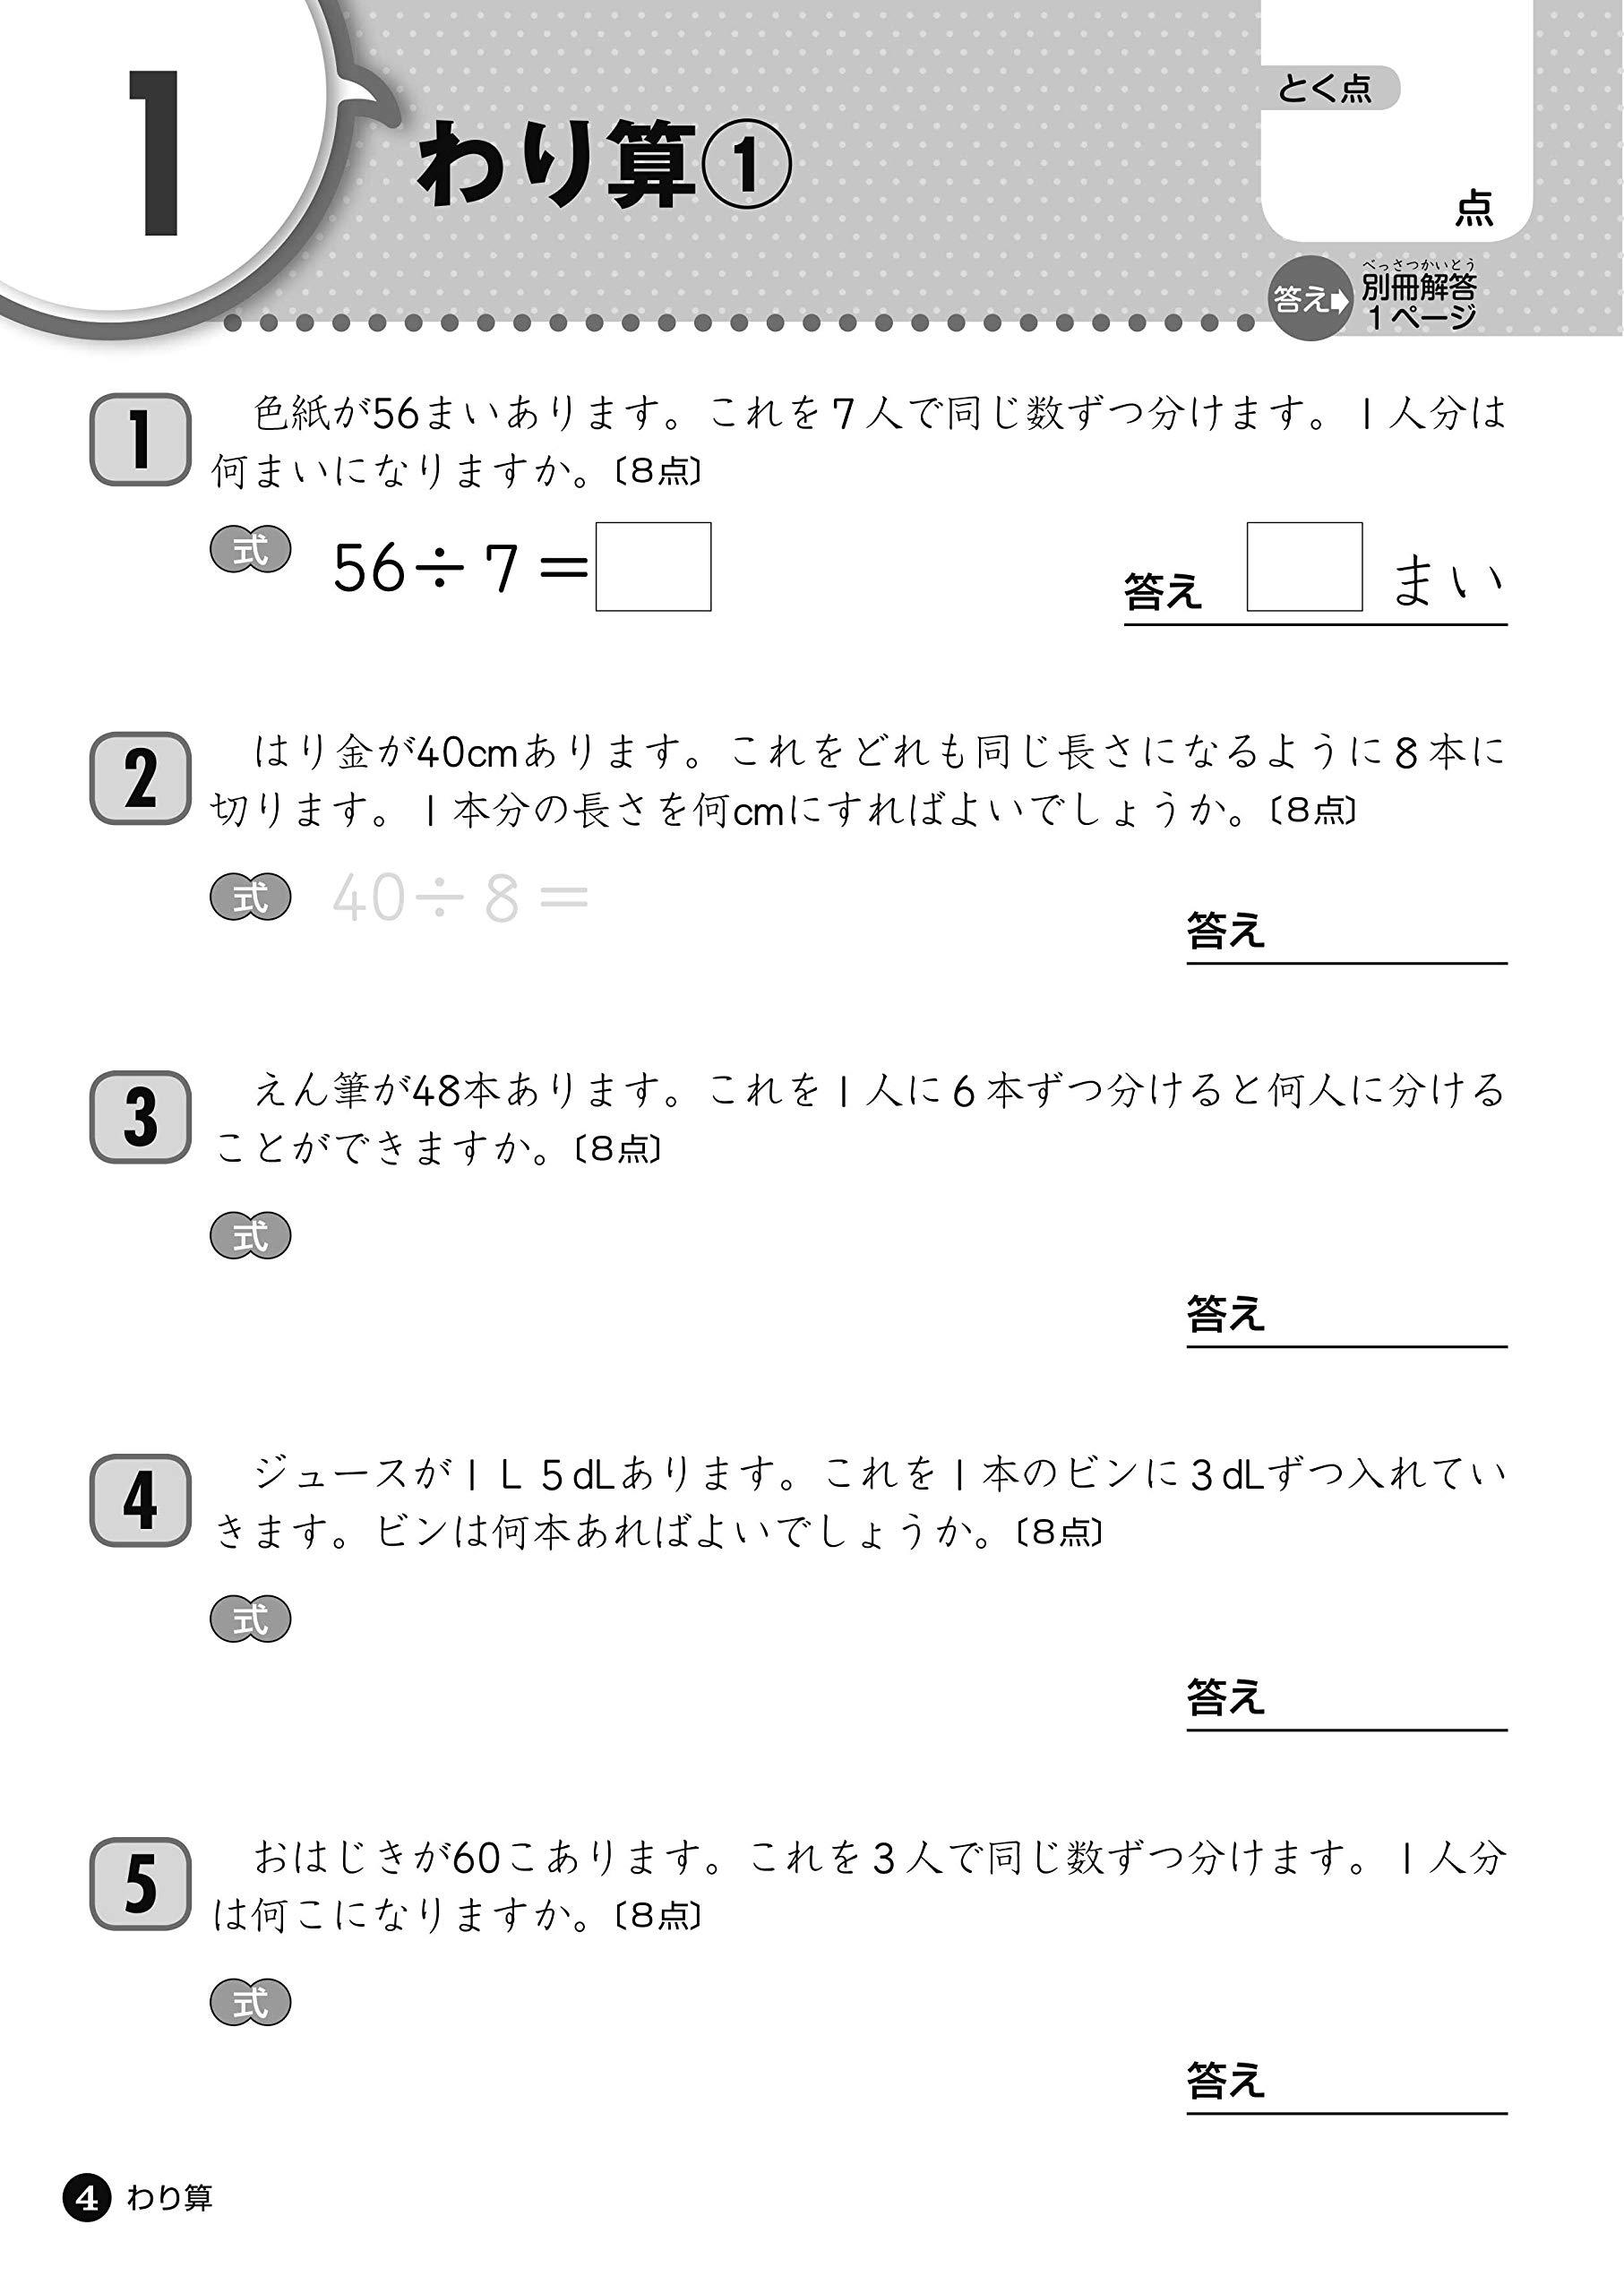 算数 4 年生 小学4年生の算数 【がい数】